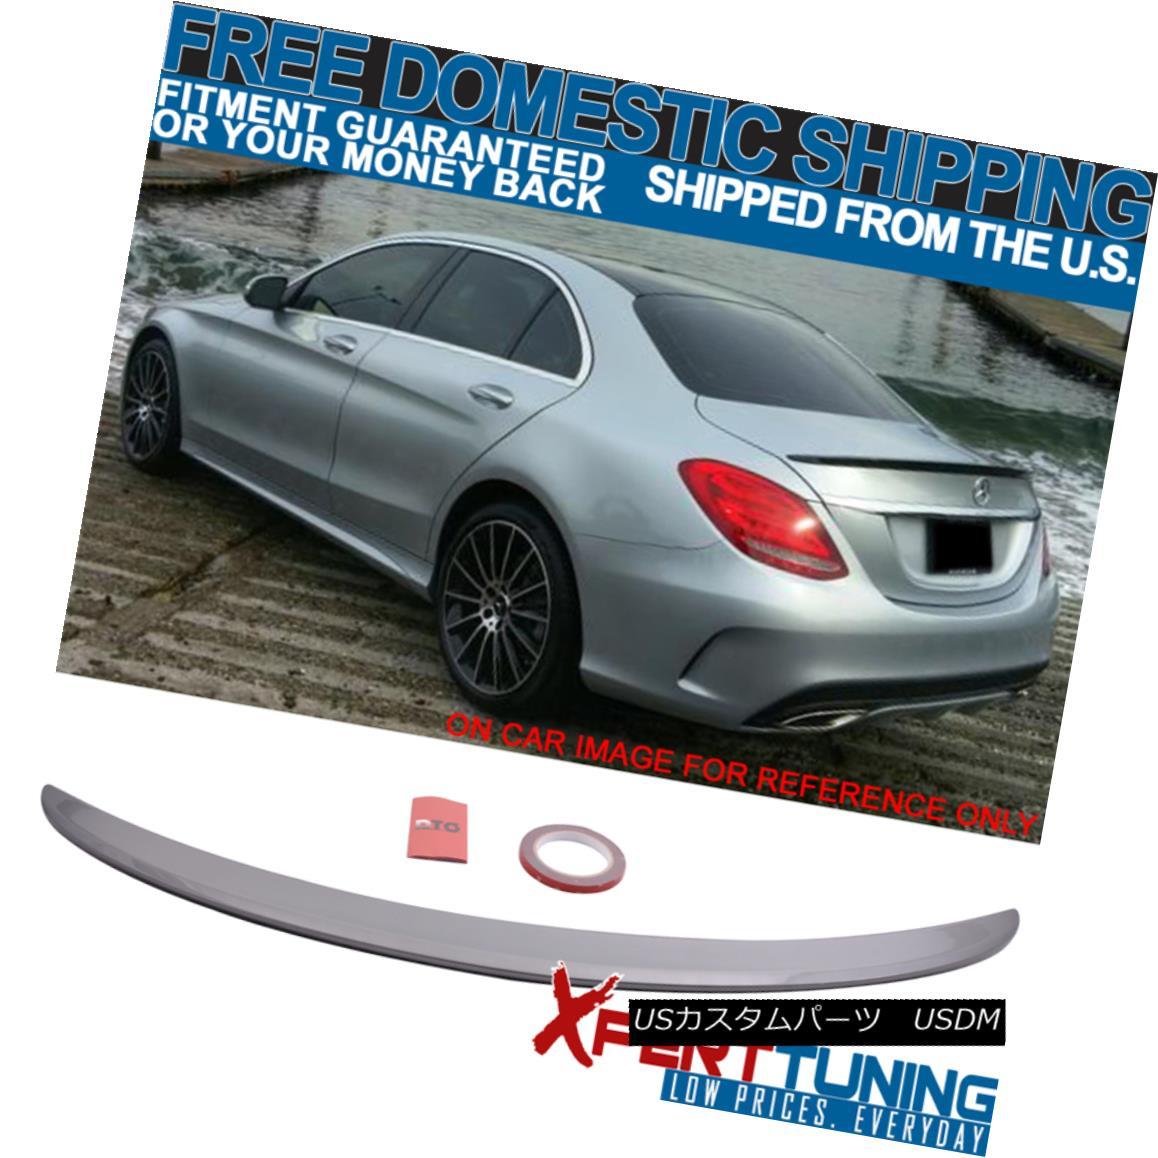 エアロパーツ Fit 15-18 W205 AMG Trunk Spoiler Painted Palladium Silver Metallic # 792 フィット15-18 W205 AMGトランクスポイラーペイントパラジウムシルバーメタリック#792